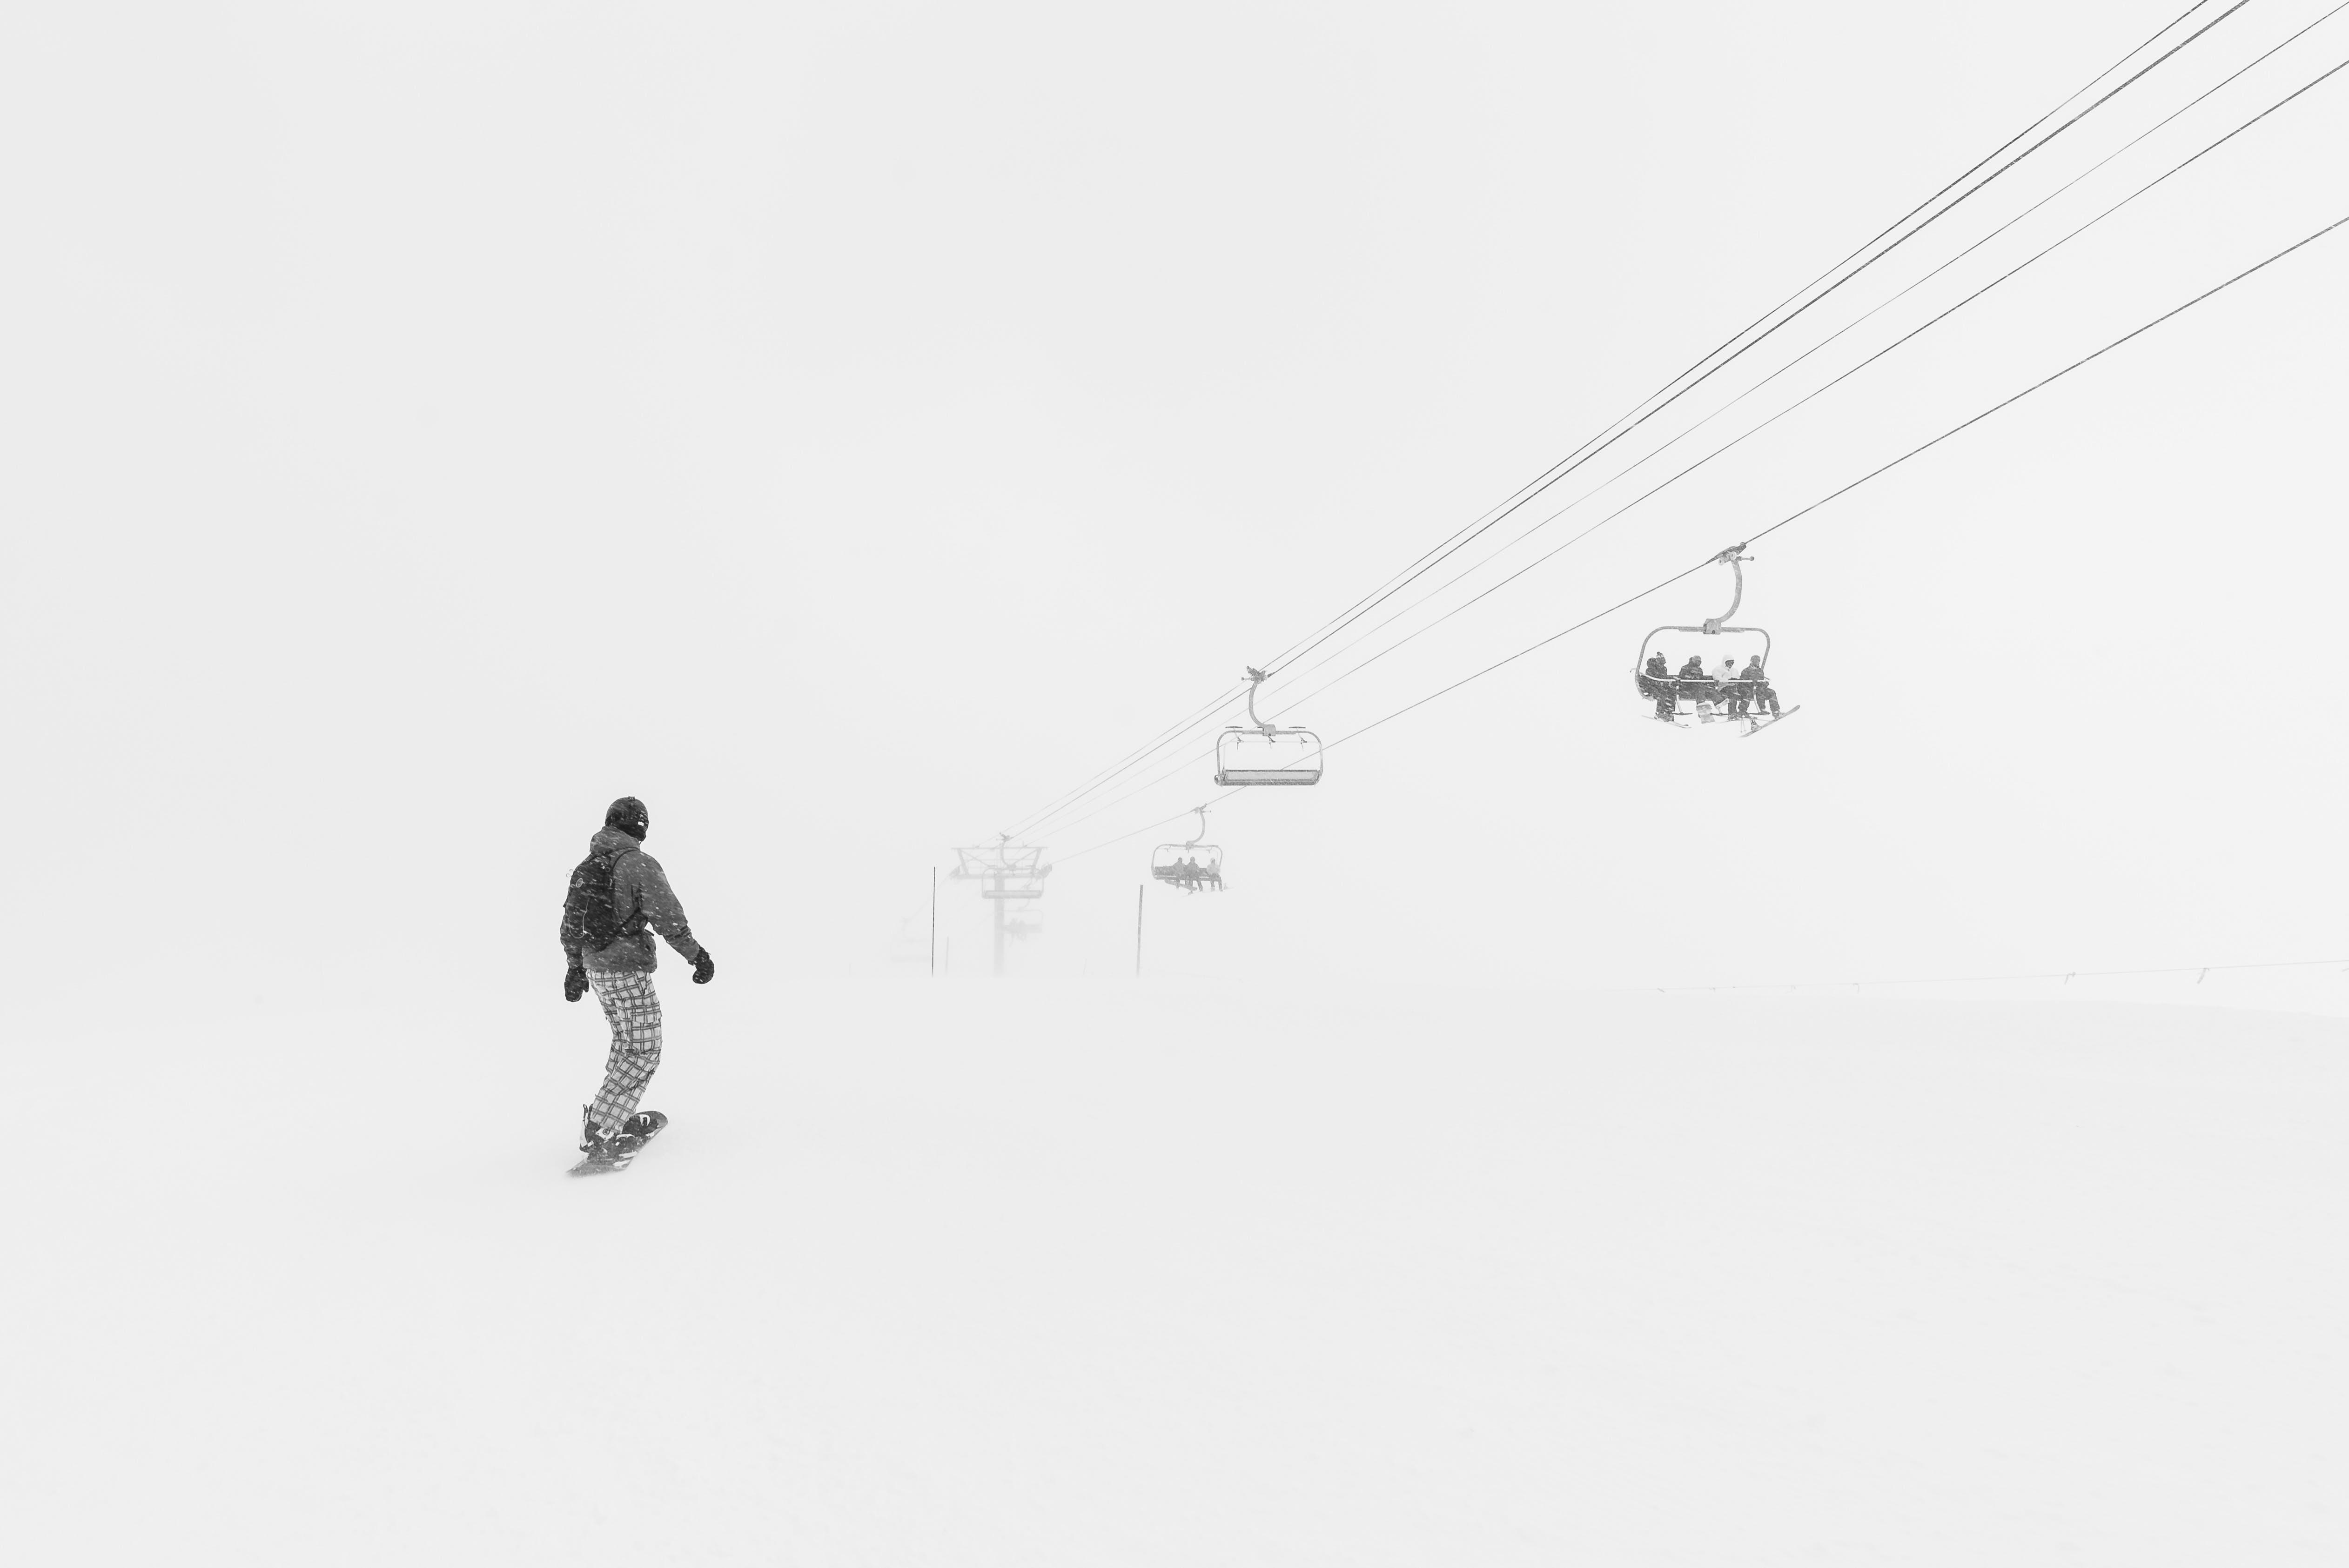 akcia, chladný, čierna a biela